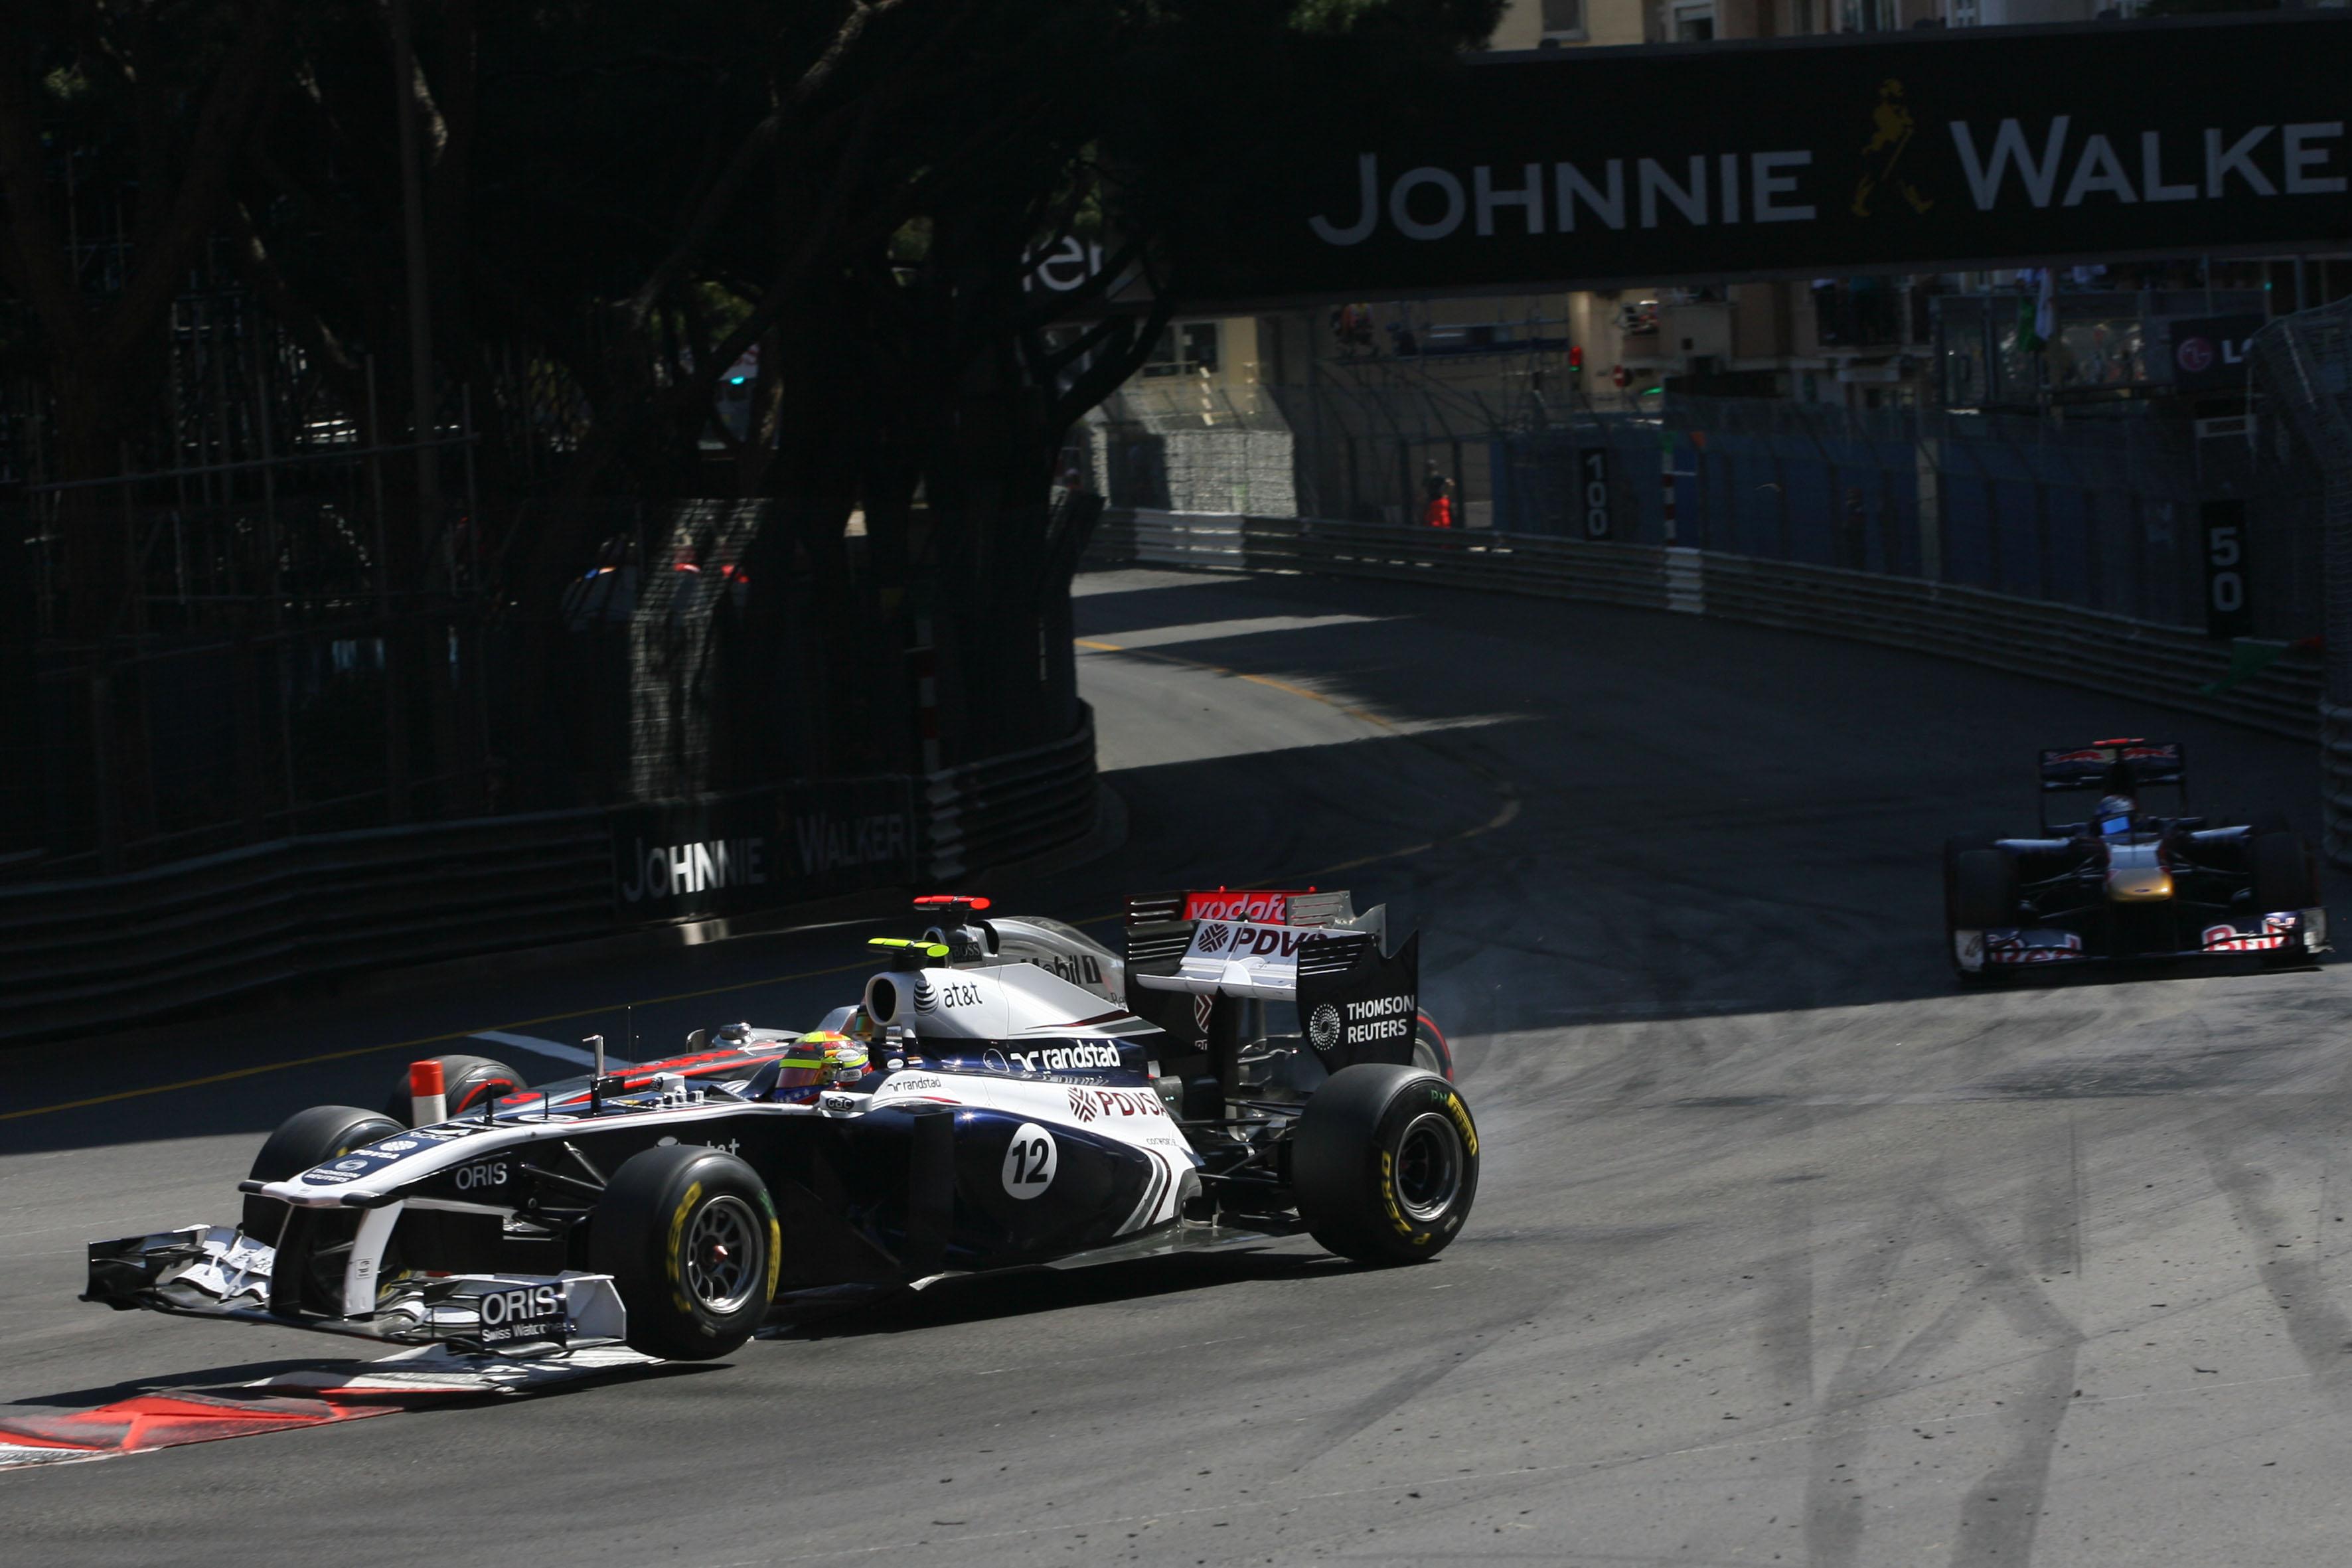 Pastor Maldonado Lewis Hamilton collision Monaco Grand Prix 2011